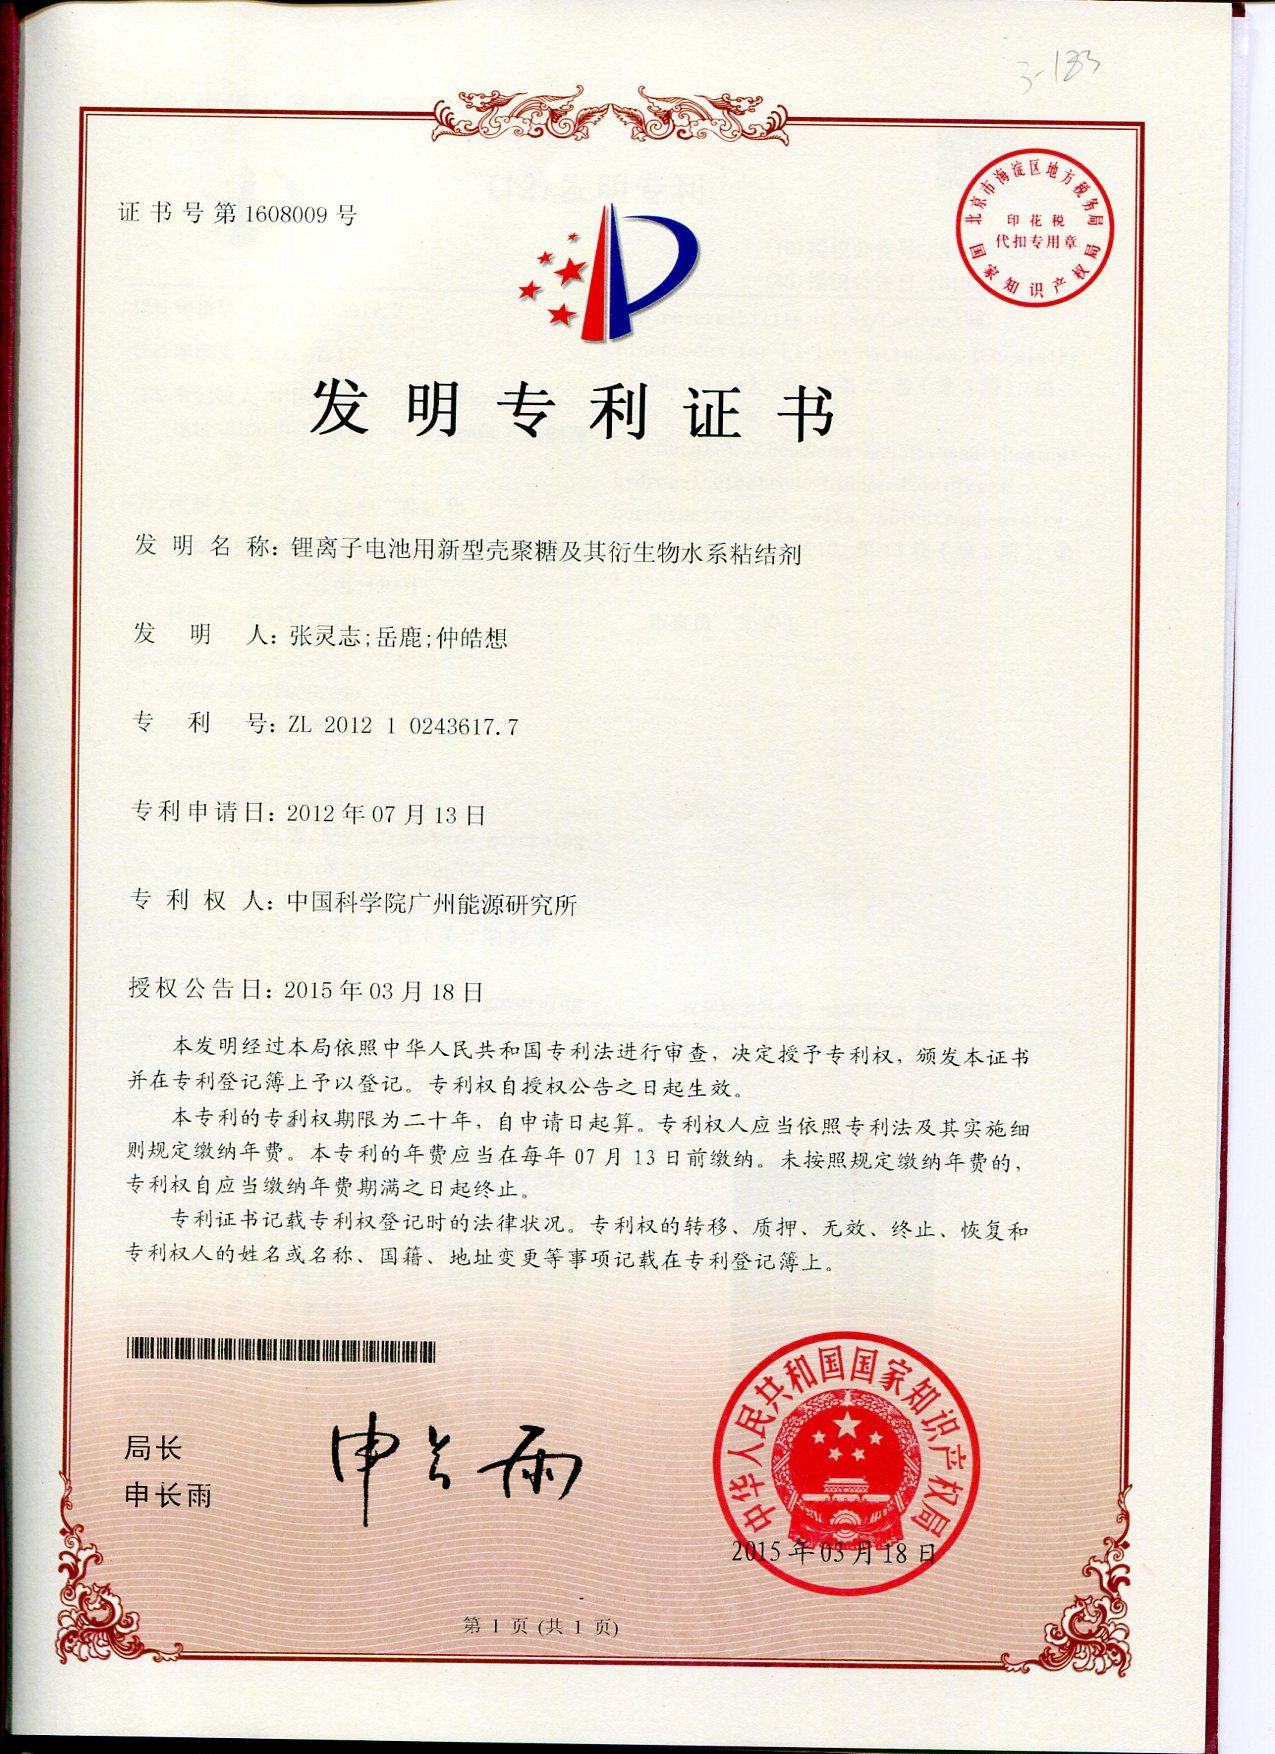 2012102436177-鋰離子電池用新型殼聚糖及其衍生物水系粘結劑-授權證書